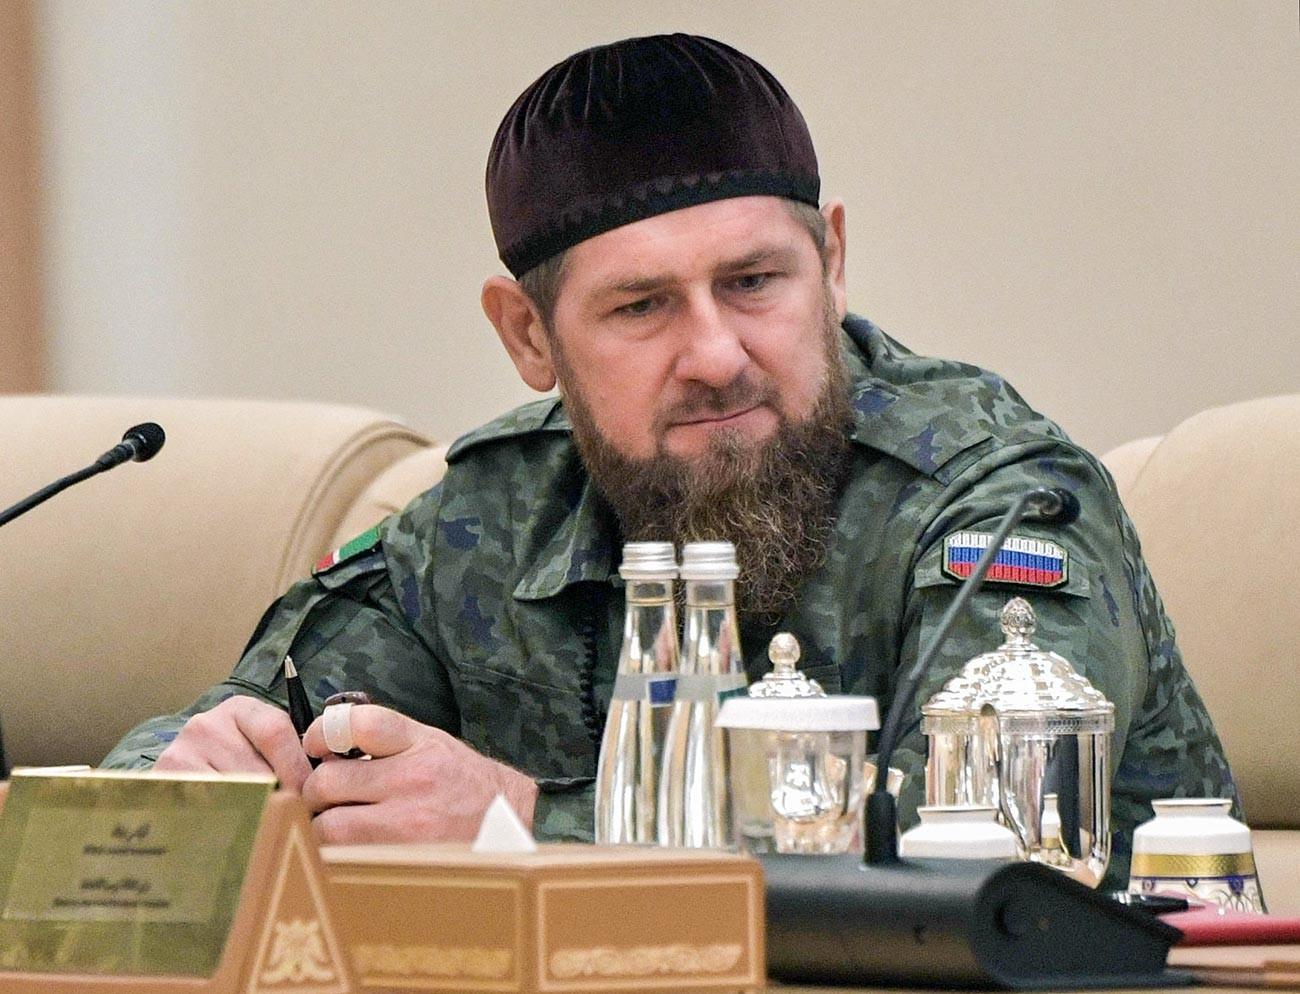 Chef der tschetschenischen Republik Ramzan Kadyrow bei einem Treffen zwischen dem russischen Präsidenten Wladimir Putin und dem Kronprinzen von Abu Dhabi, dem stellvertretenden Oberbefehlshaber der Streitkräfte der Vereinigten Arabischen Emirate.